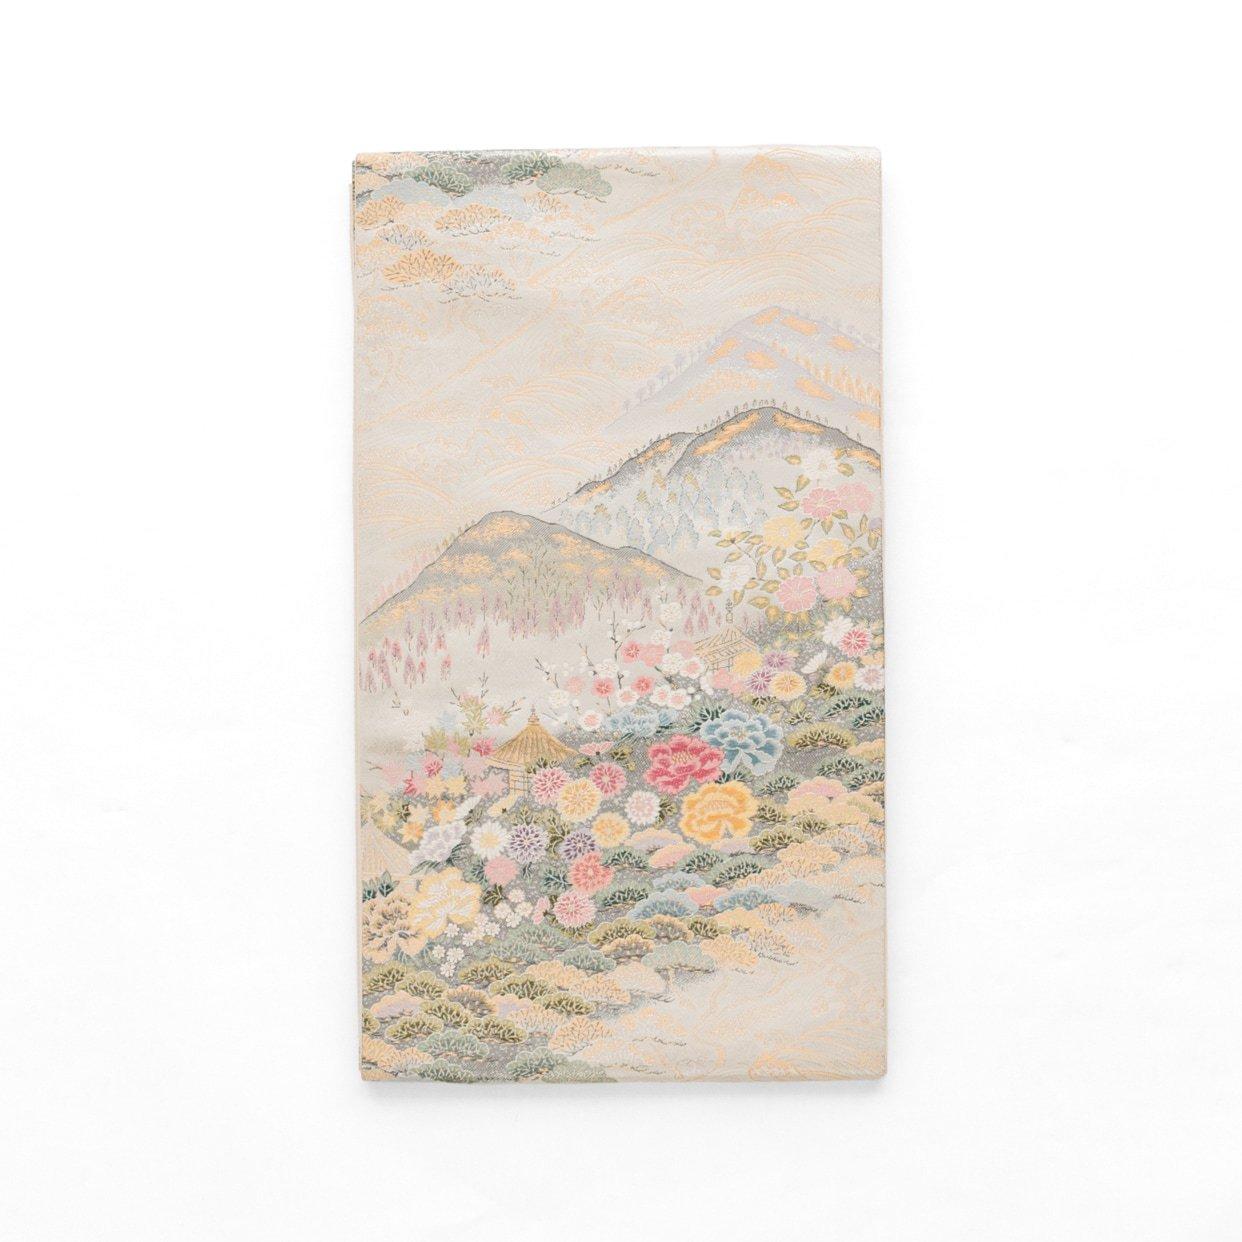 「袋帯●山裾の庵と花」の商品画像